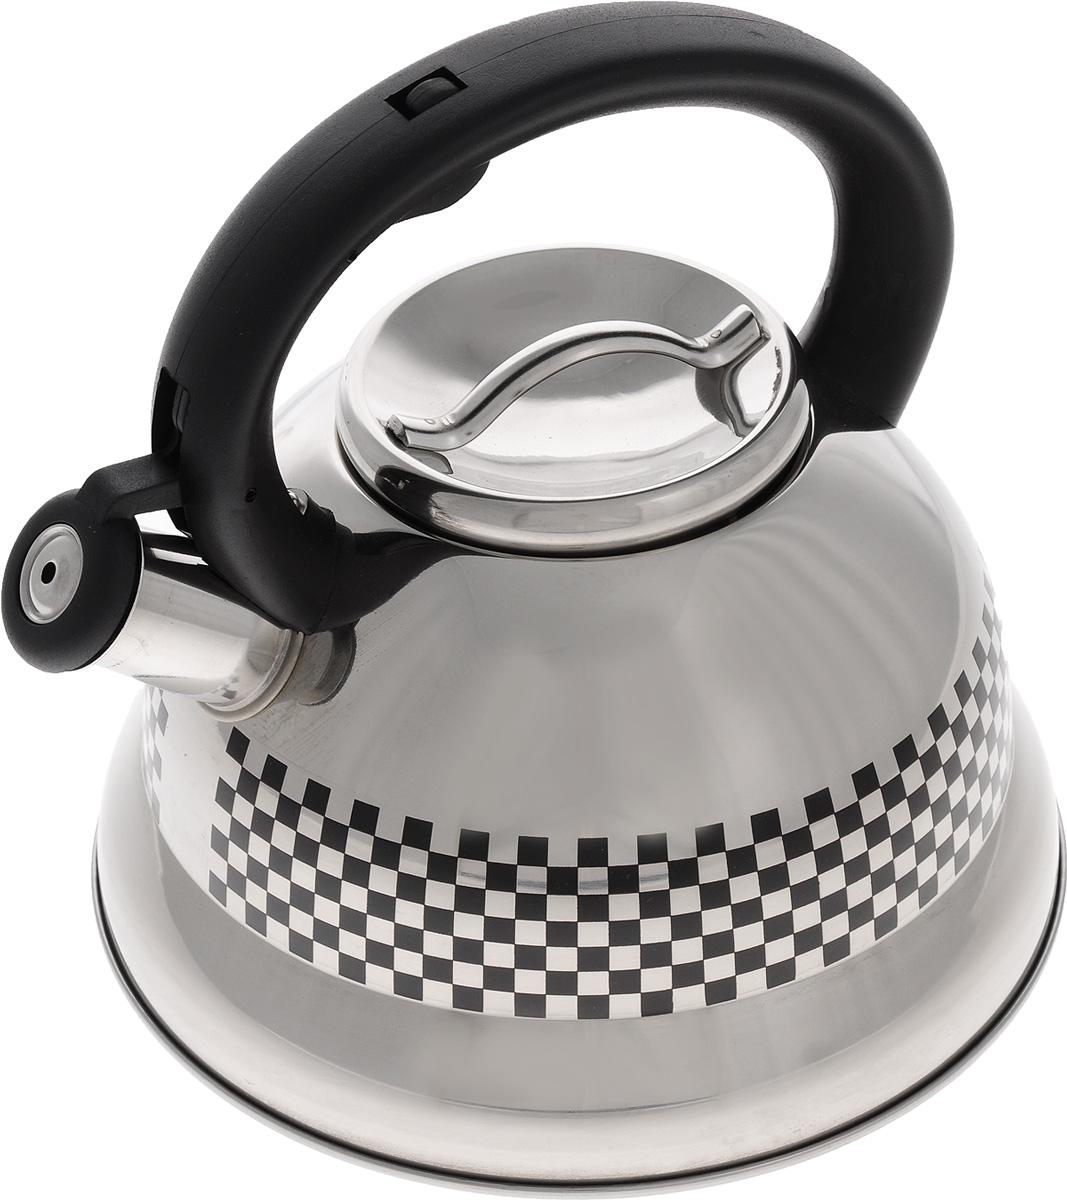 Чайник Mayer & Boch, со свистком, 2,6 л. 2417554 009312Чайник Mayer & Boch выполнен из высококачественной нержавеющей стали, что делает его весьма гигиеничным и устойчивым к износу при длительном использовании. Носик чайника оснащен откидным свистком, звуковой сигнал которого подскажет, когда закипит вода. Свисток открывается нажатием кнопки на ручке. Фиксированная ручка, изготовленная из прочного пластика, делает использование чайника очень удобным и безопасным. Поверхность чайника гладкая, что облегчает уход за ним. Эстетичный и функциональный, такой чайник будет оригинально смотреться в любом интерьере. Чайник пригоден для всех типов плит, включая индукционные. Можно мыть в посудомоечной машине.Высота чайника (без учета ручки и крышки): 12 см.Высота чайника (с учетом ручки и крышки): 22,5 см.Диаметр чайника (по верхнему краю): 10 см.